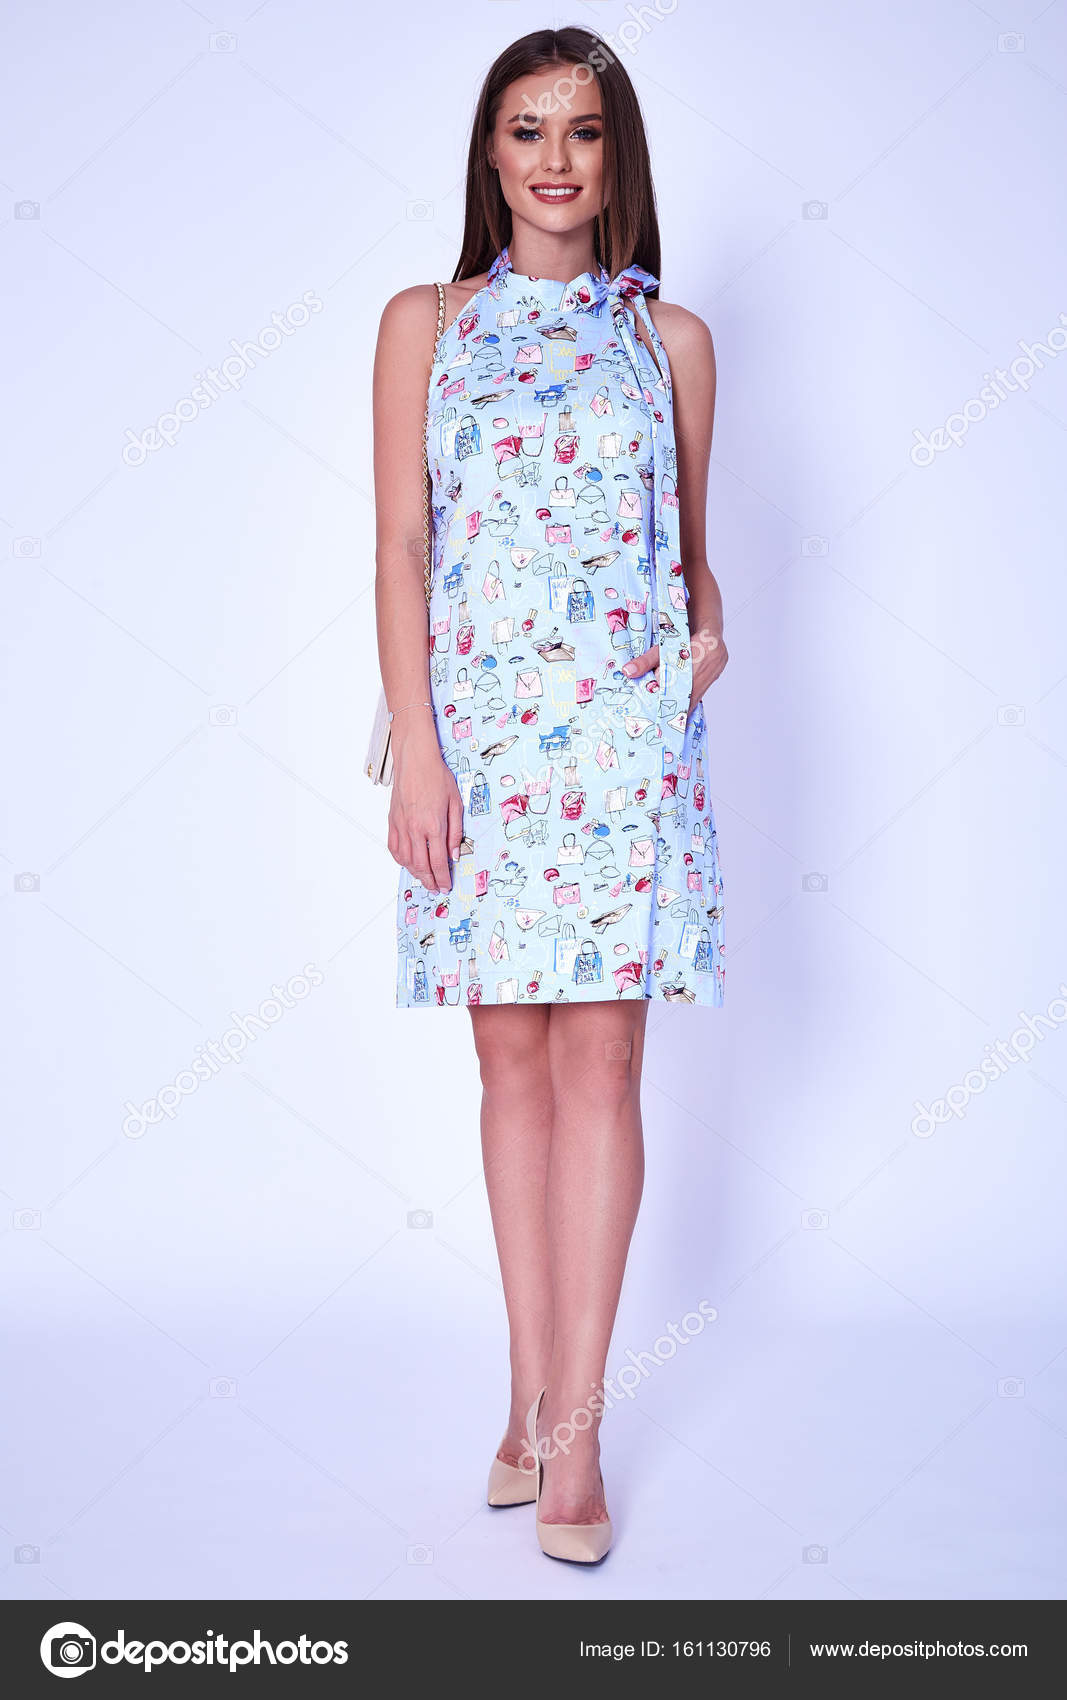 d9a171160f622 Belleza mujer modelo use diseño elegante tendencia ropa Vestido estilo  casual oficina formal para trabajo